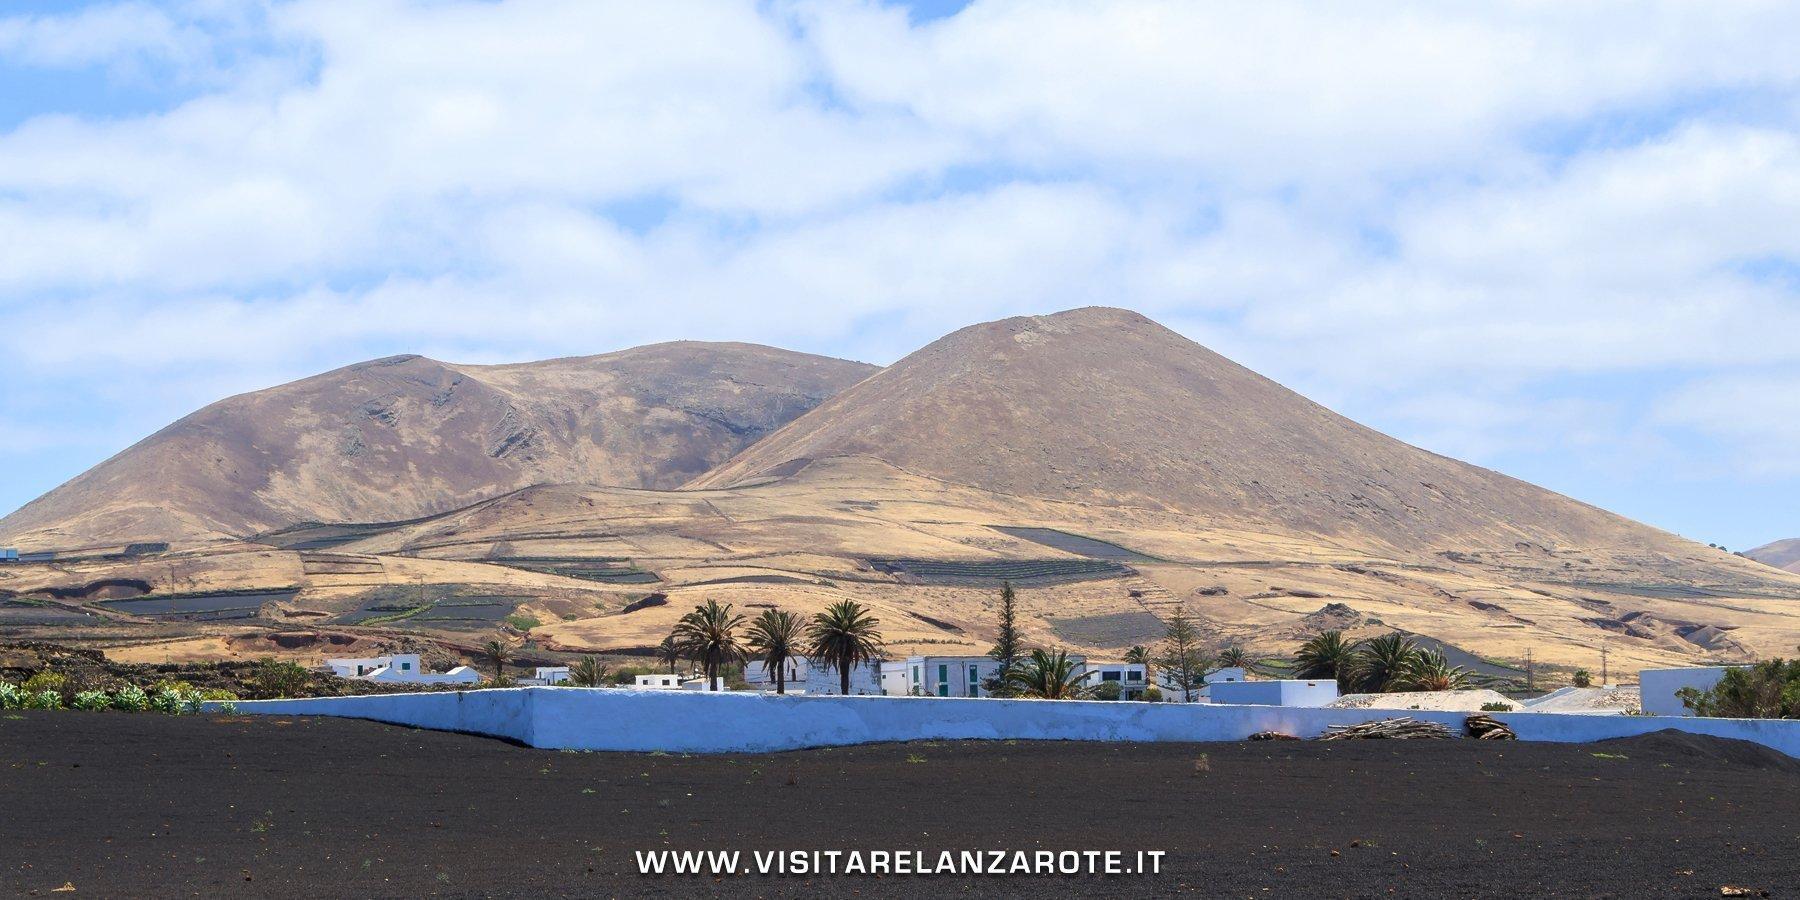 Tao Lanzarote